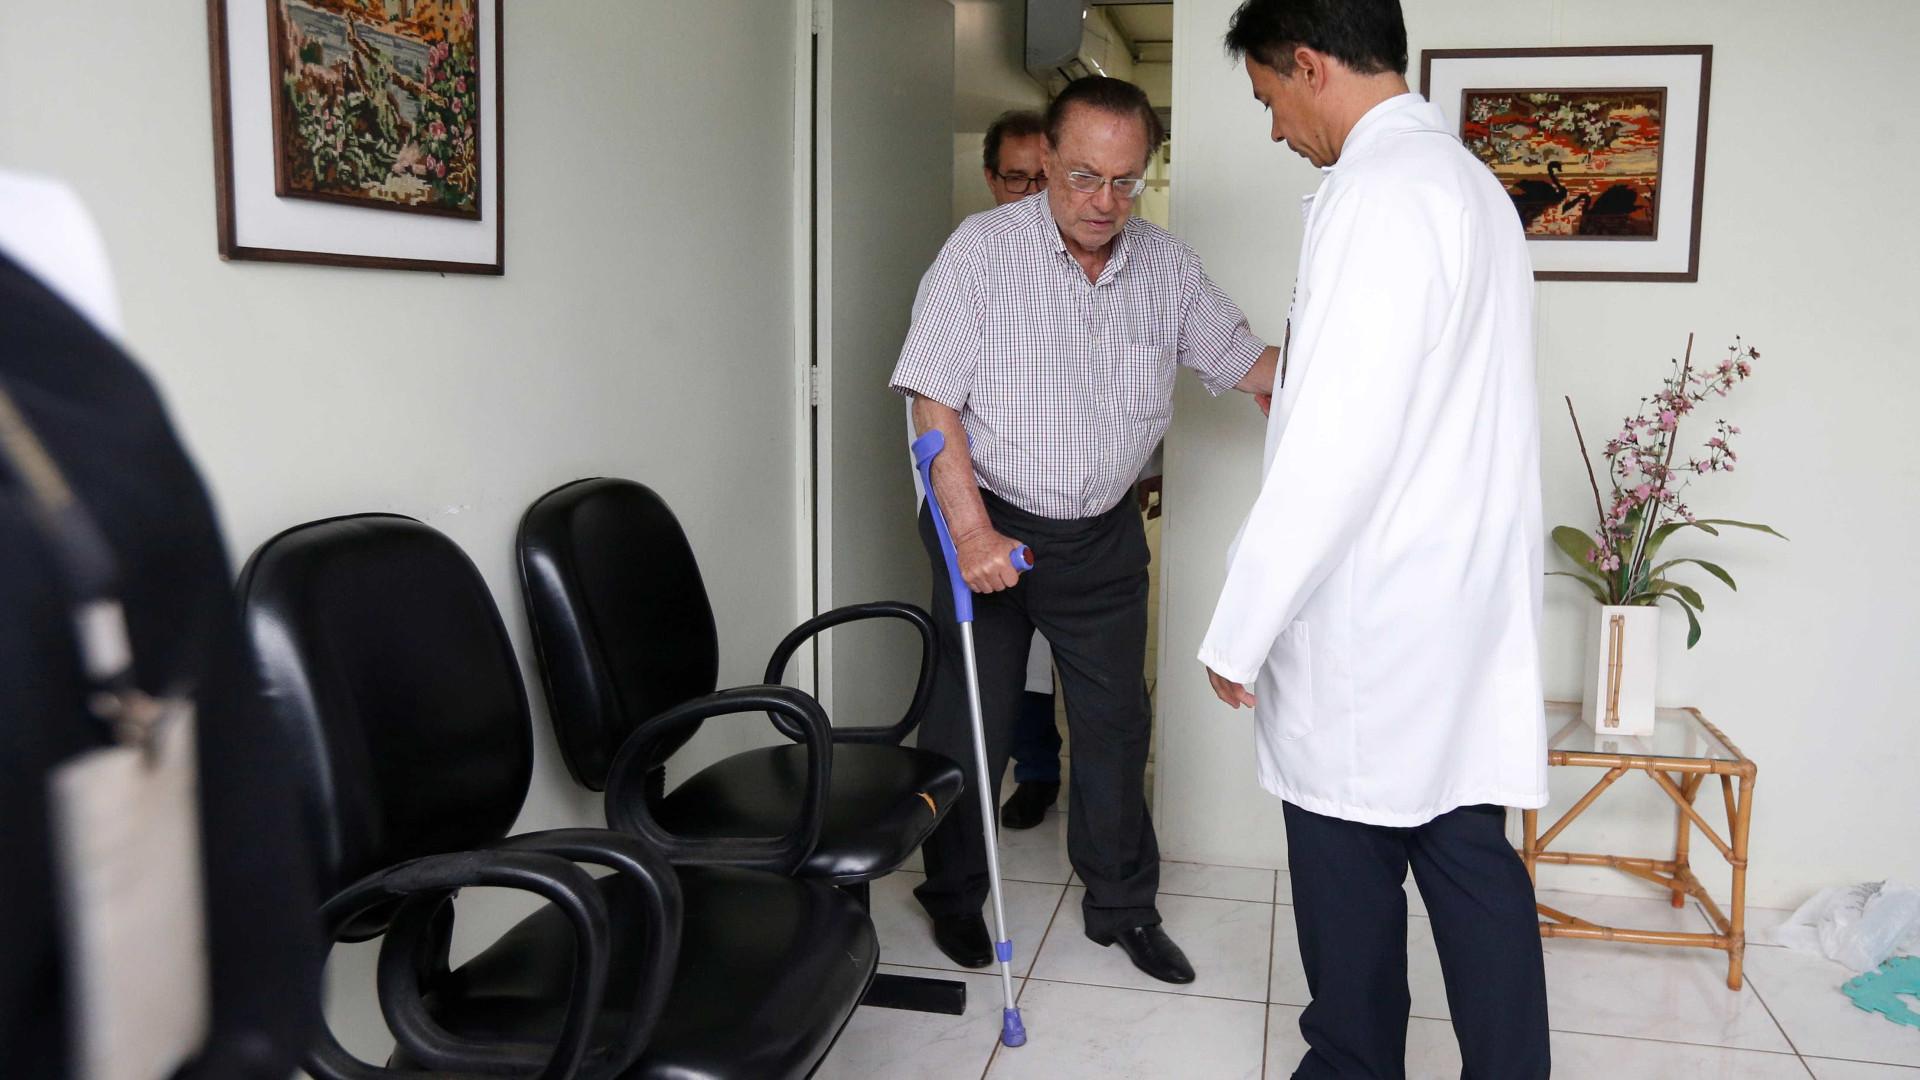 Preso, Maluf já emagreceu 10 kg e não quer visita de familiares